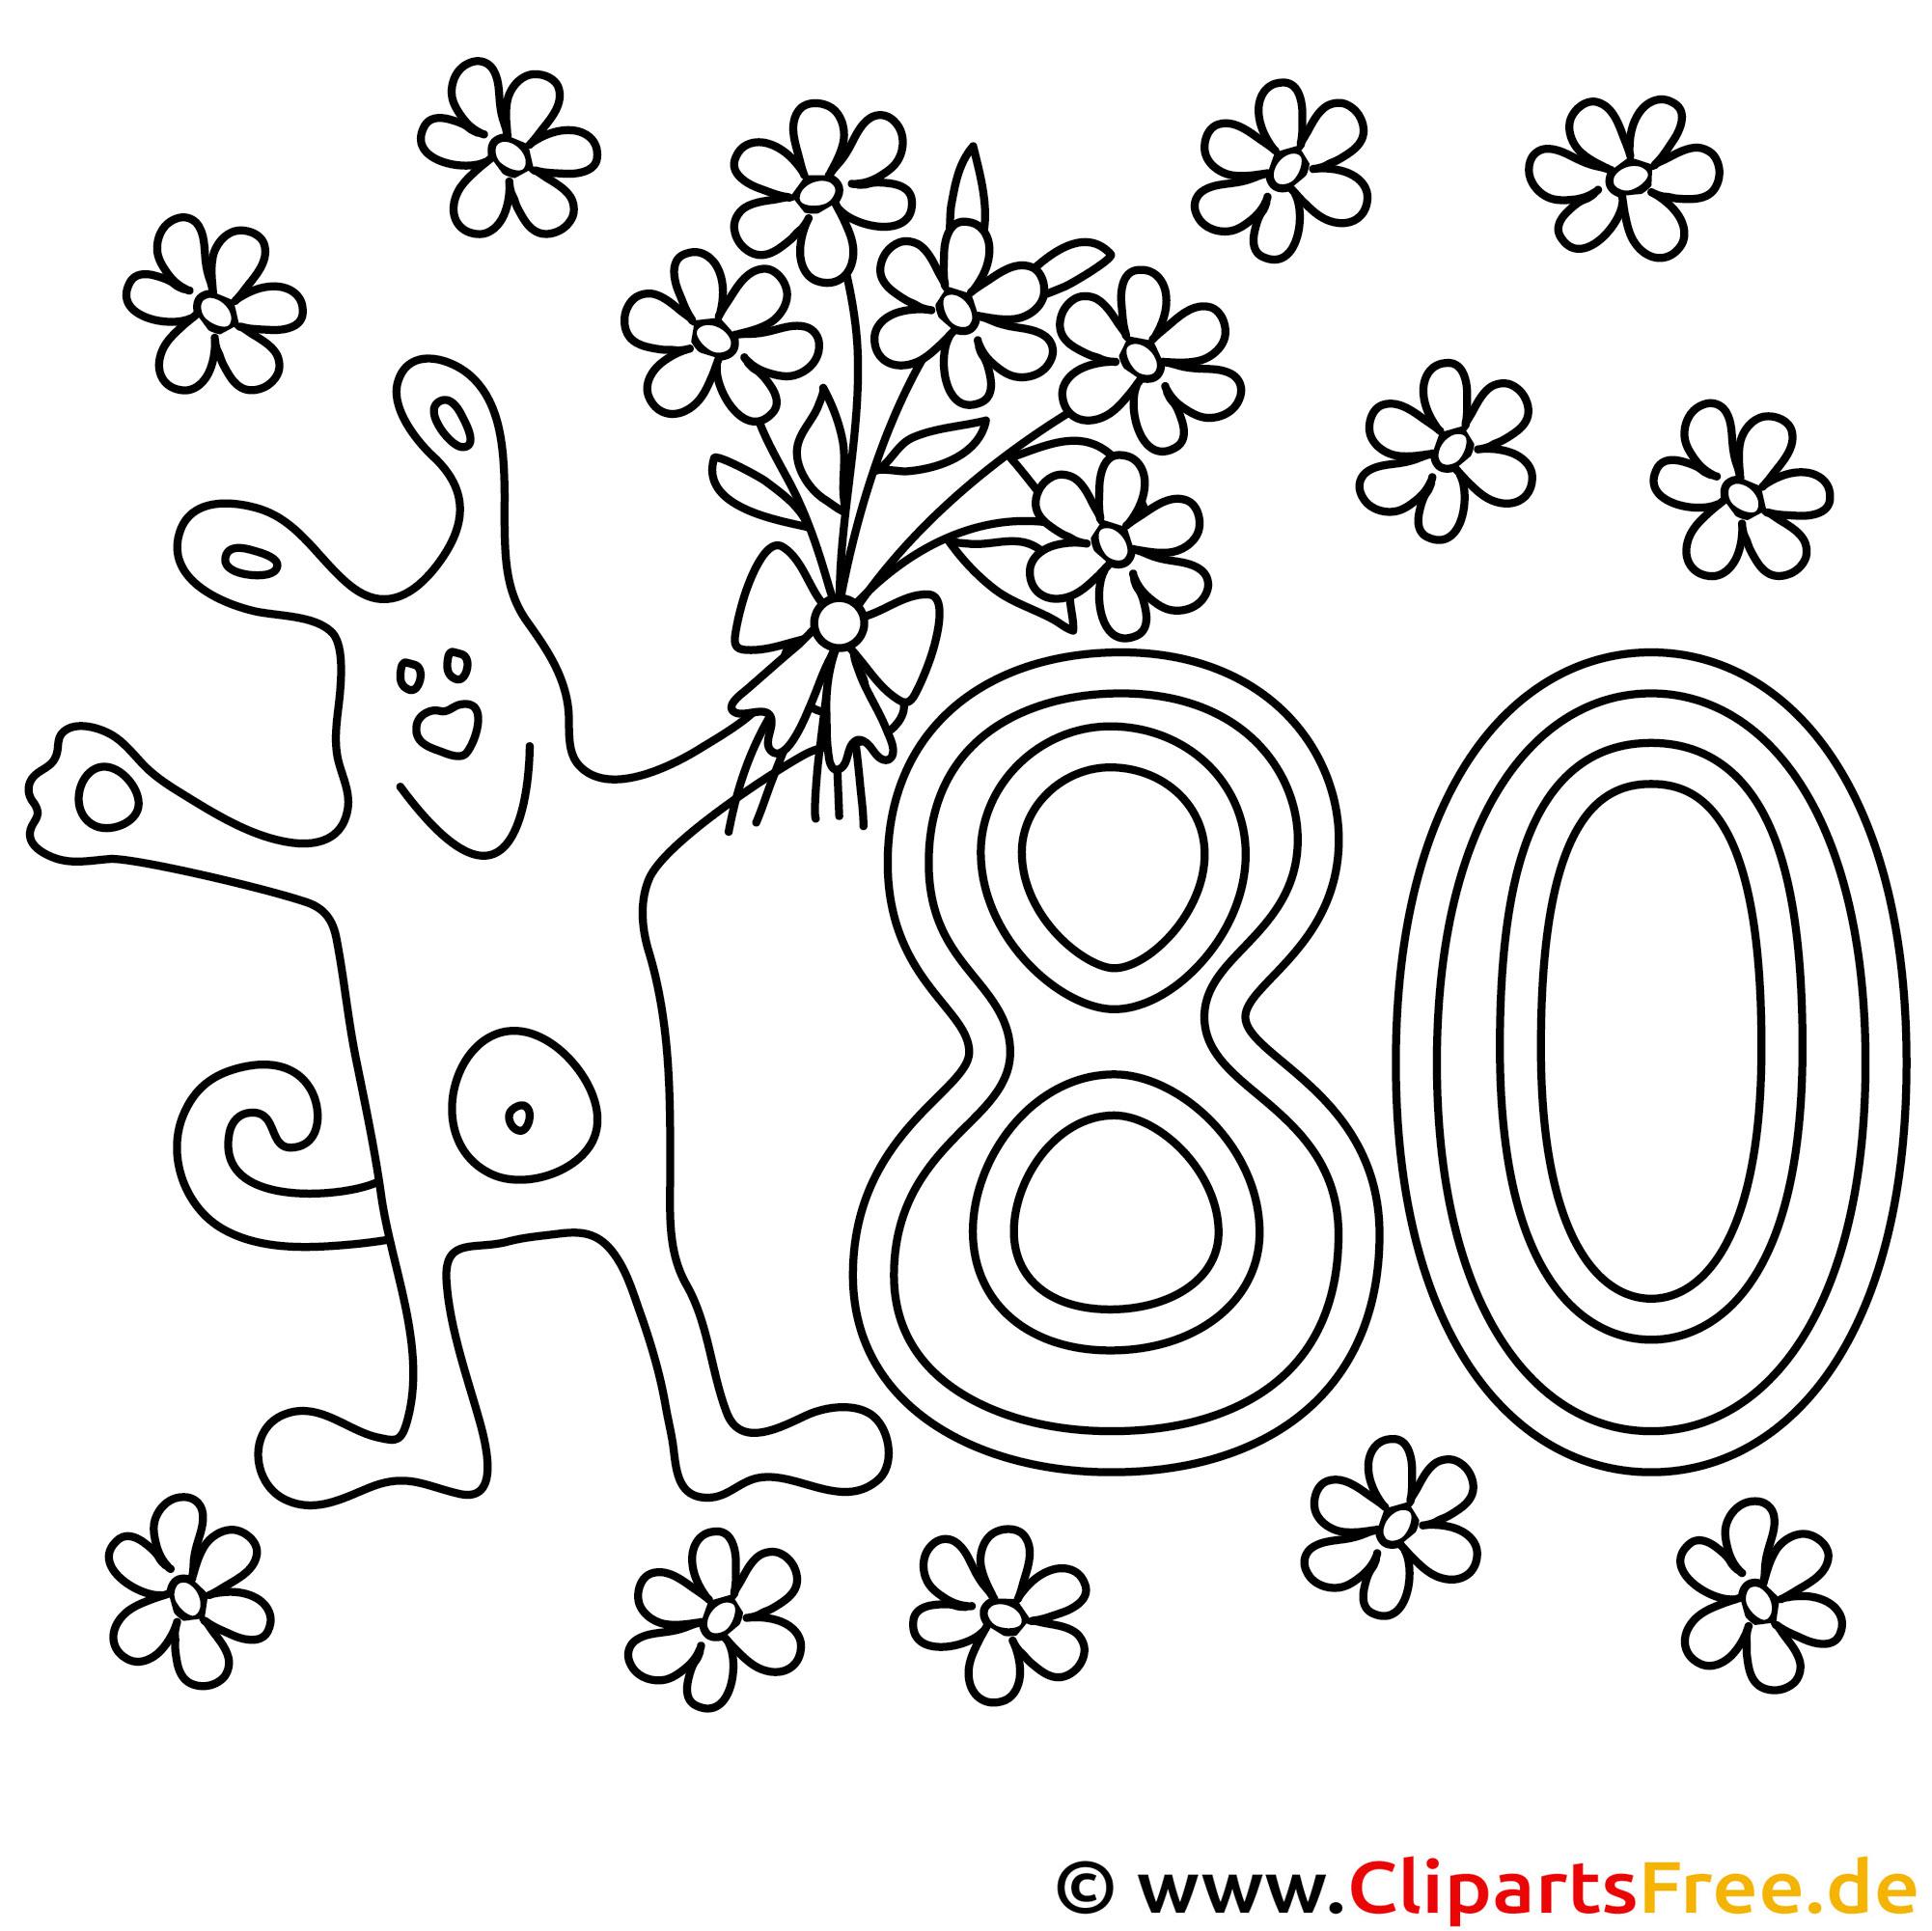 Cartoon Hund mit Blumen Bild zum Ausmalen zum 80 Geburtstag